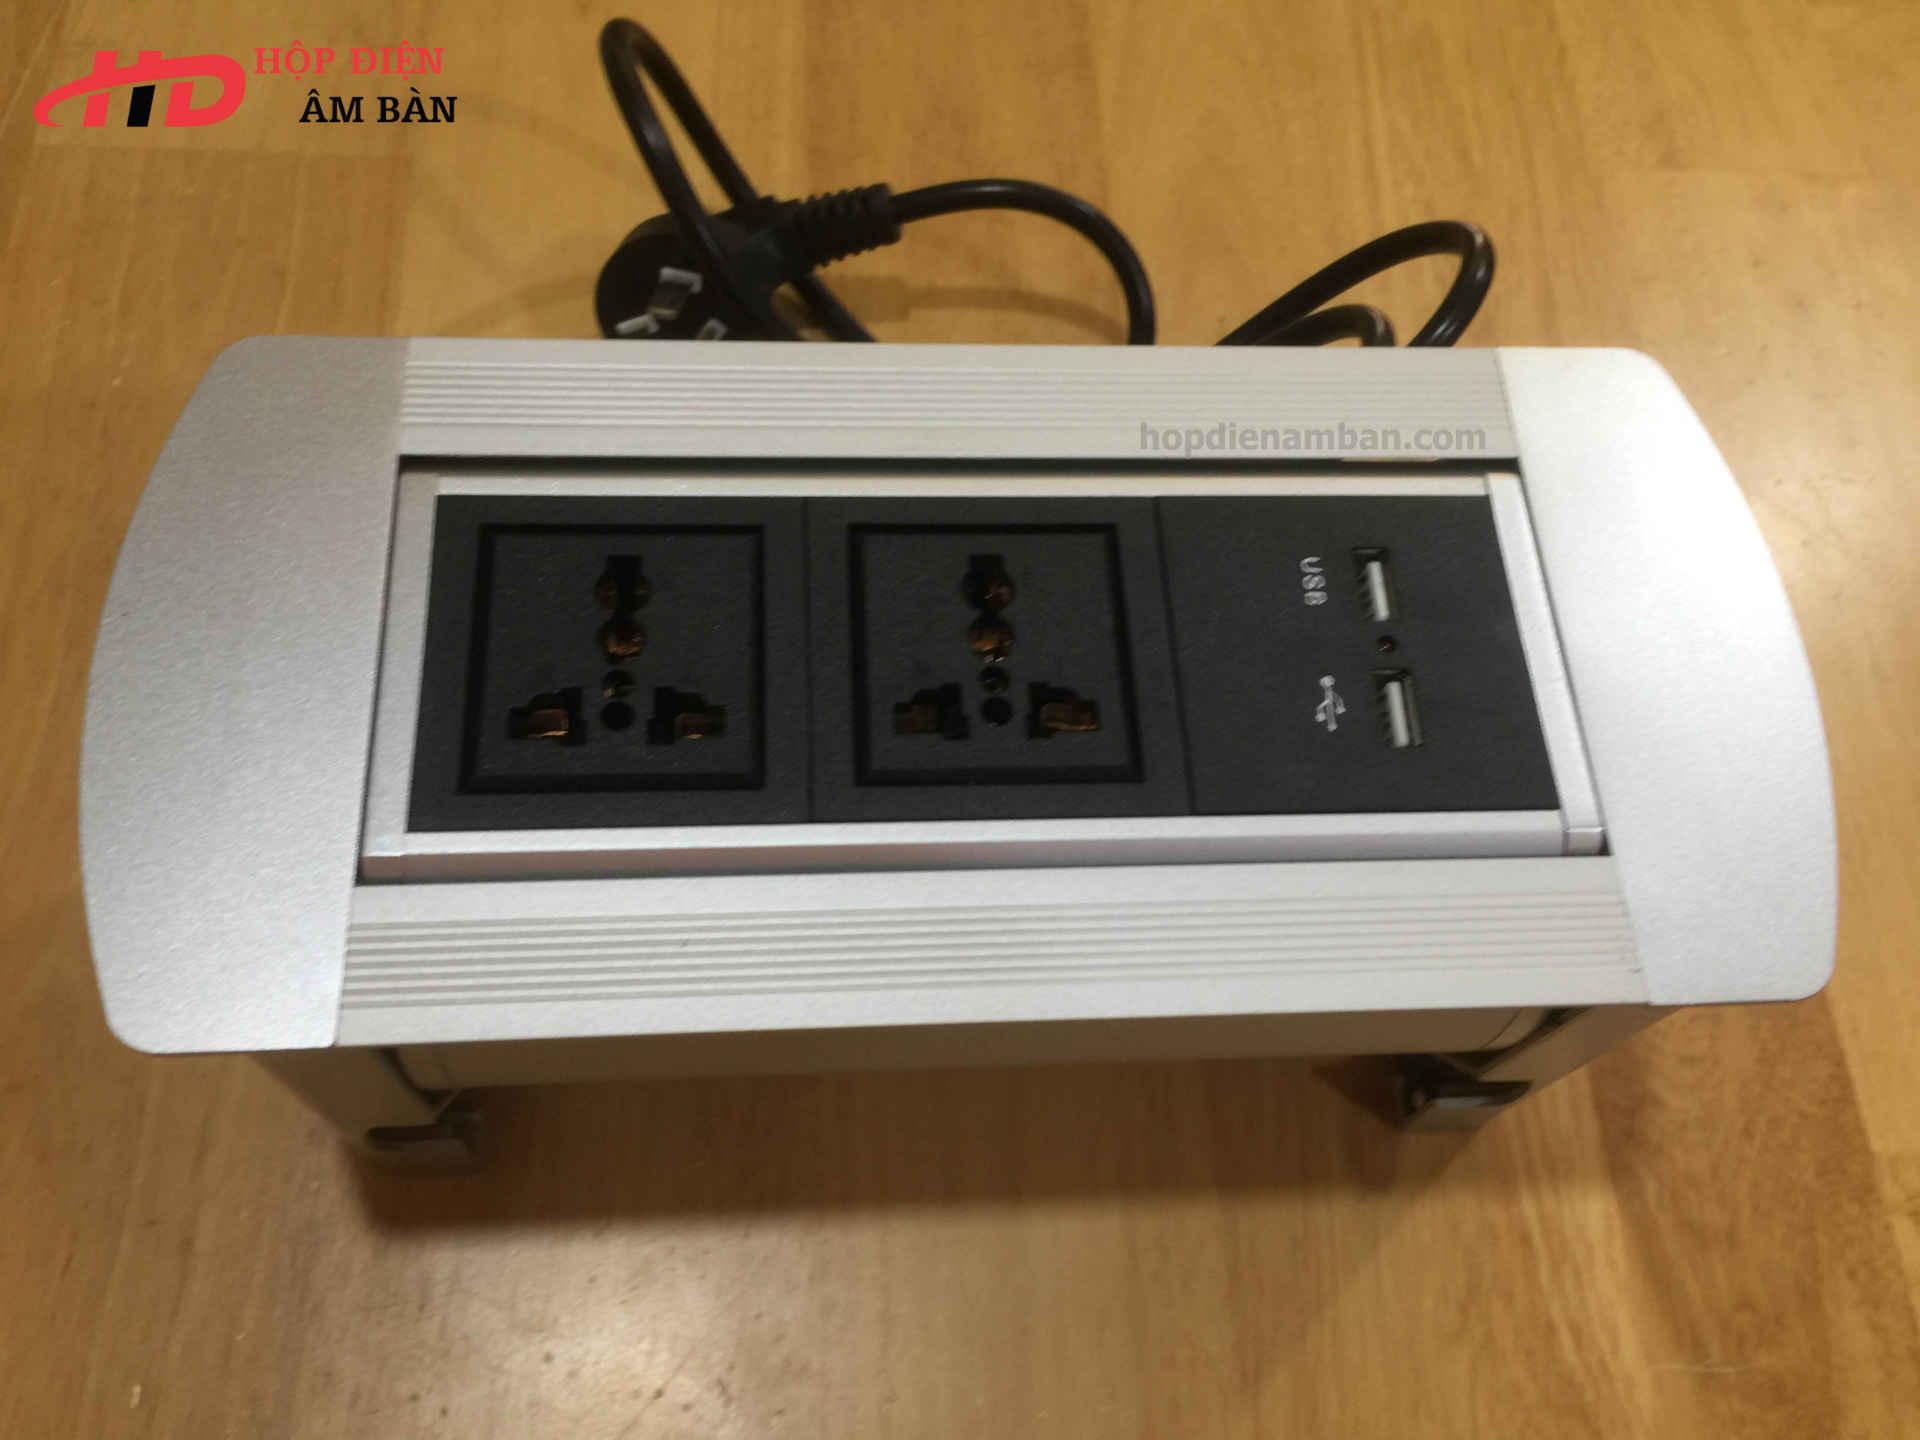 Hộp điện âm bàn HDMD-SM3